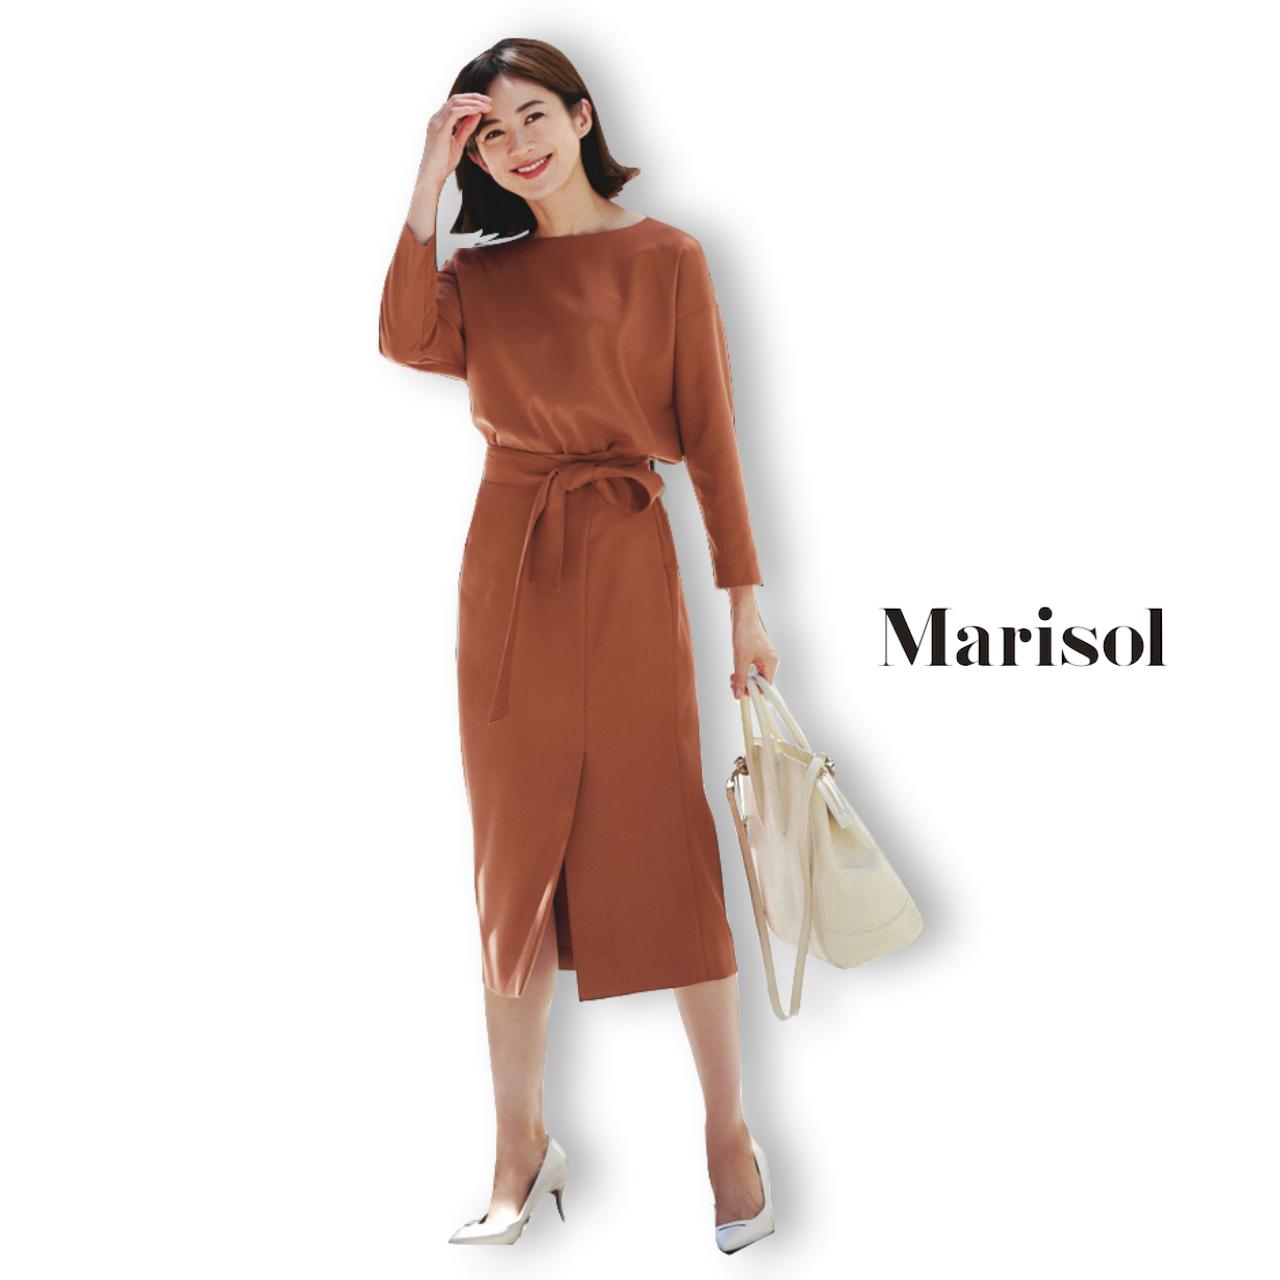 40代ファッション ワンピース風セットアップコーデ